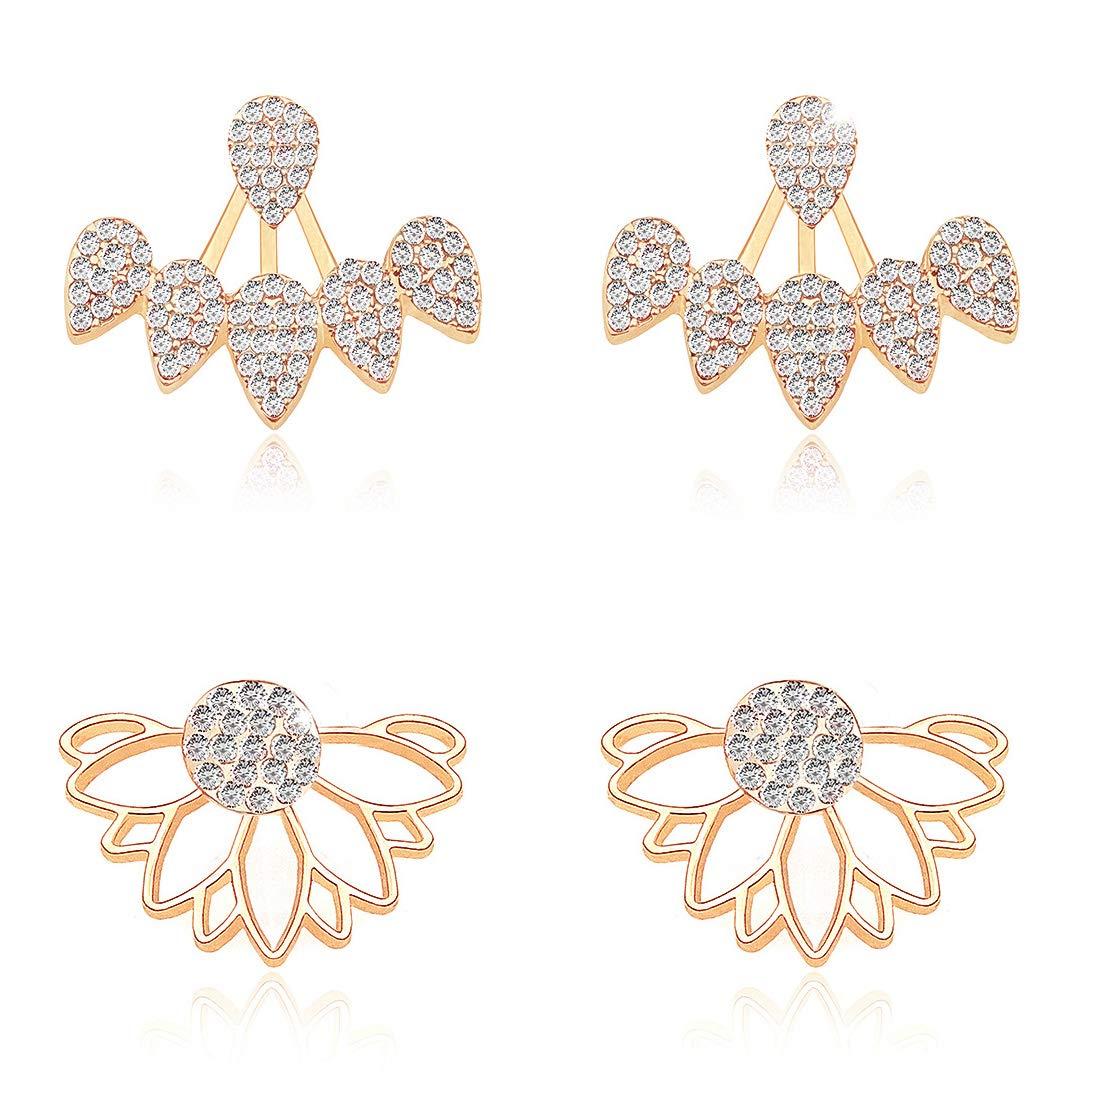 3c4d01b67fdaf Gleamart Hollow Lotus Flower Earrings Water Drop Ear Jacket Chic Stud  Earrings Set